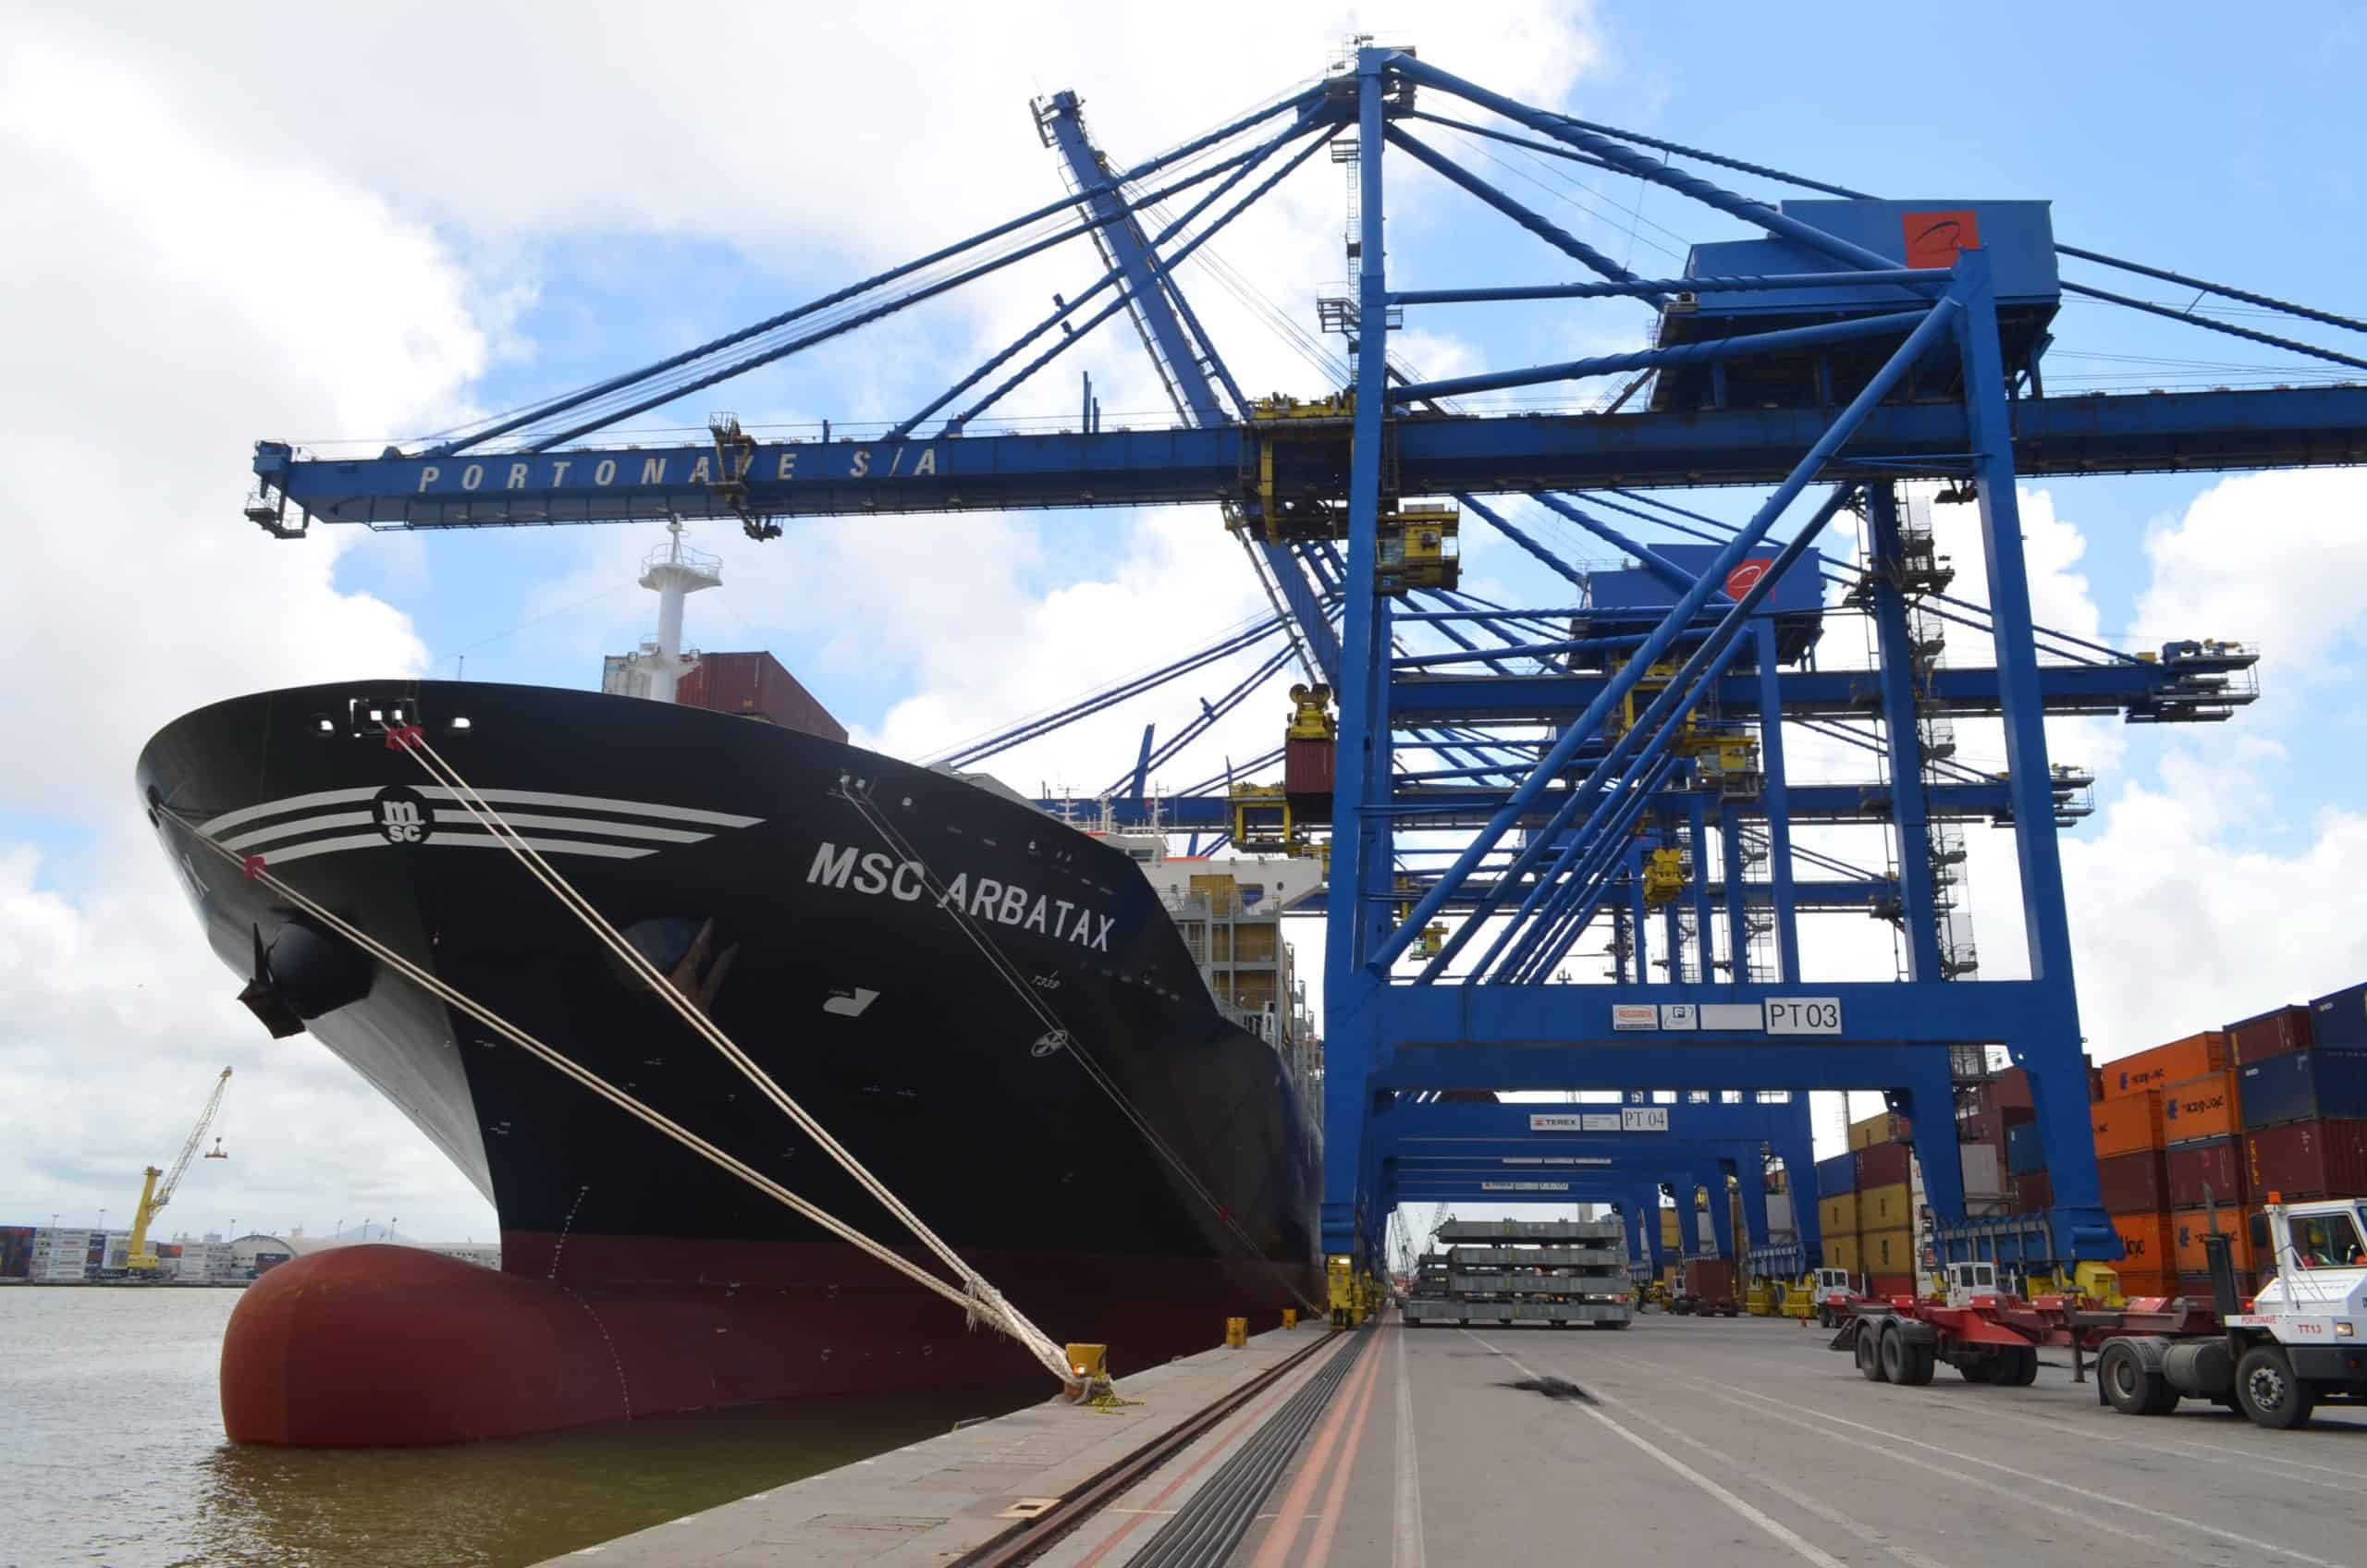 Larger vessels meet Asian market demand